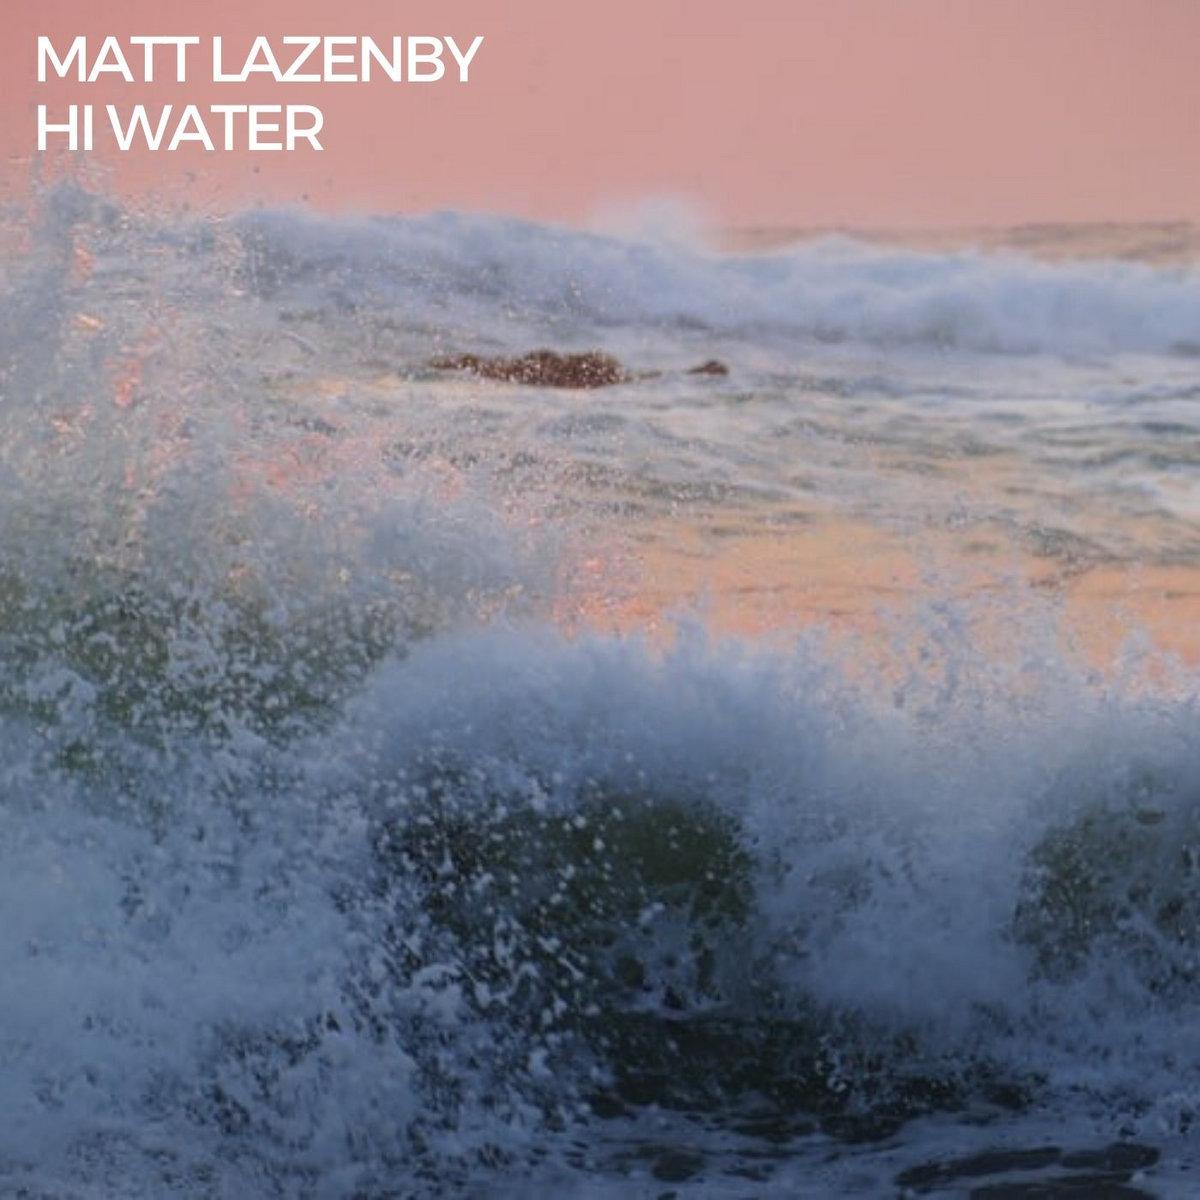 Hi Water | Matt Lazenby